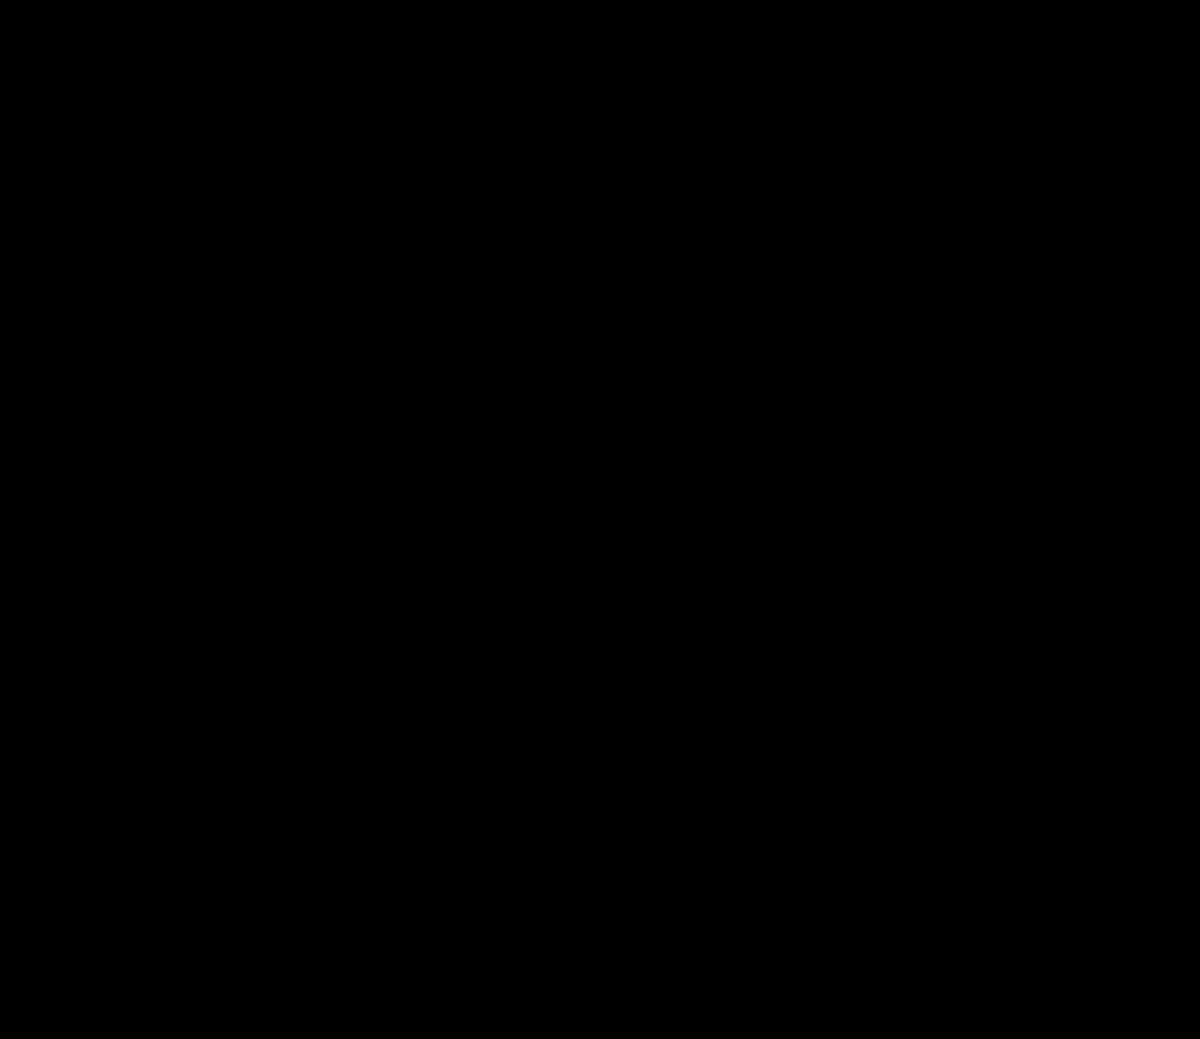 f:id:dai-ig:20200126145212p:plain:w480